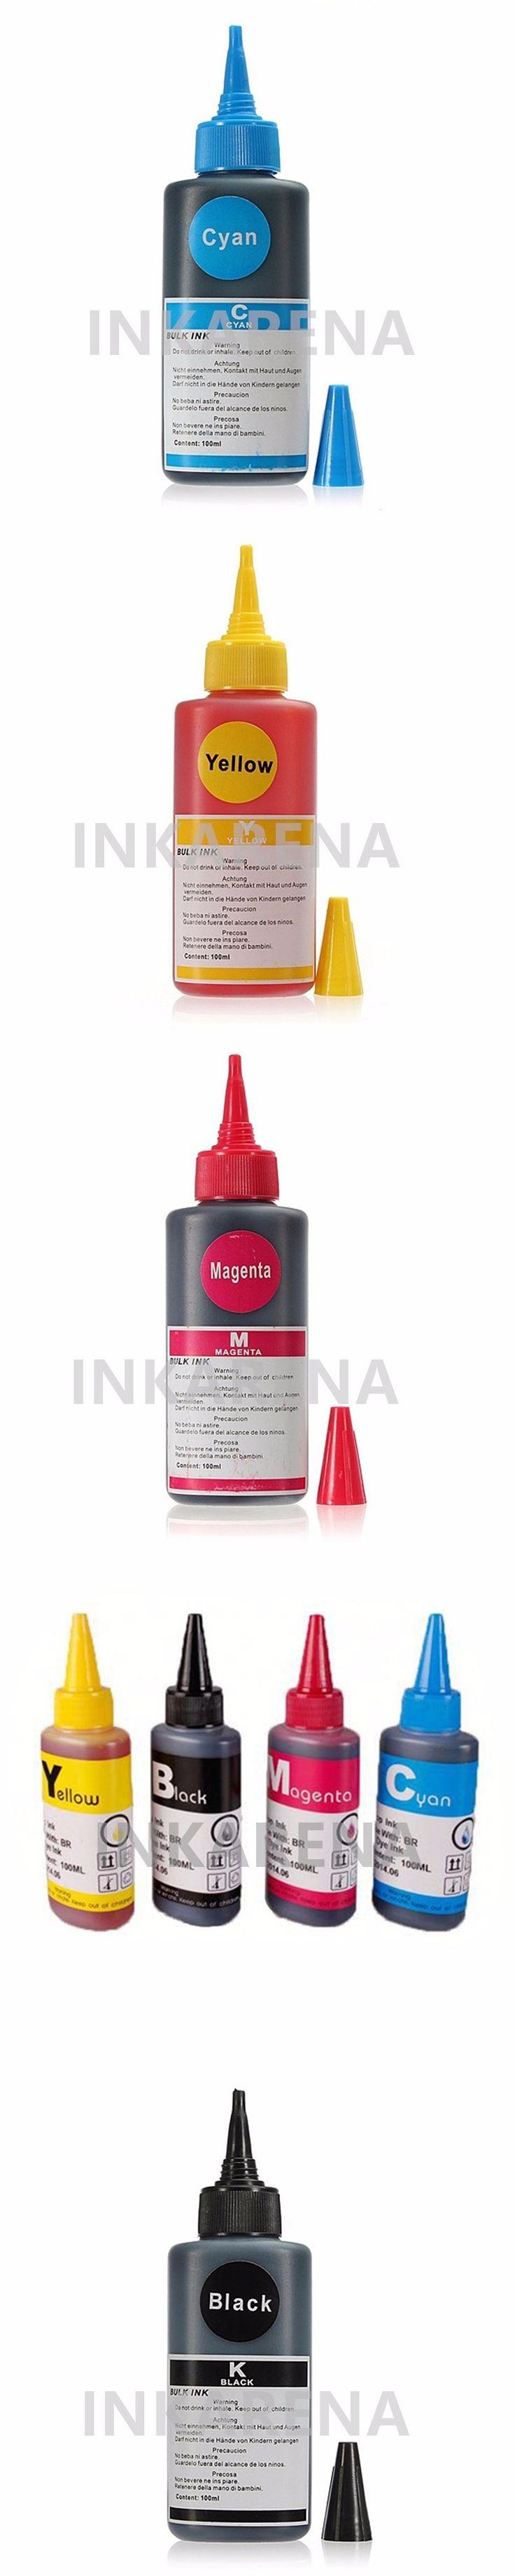 Universal Dye Refill 100ml bottle ink For PG-545 CL-546 PG-510 CL-511 PG-40 CL-41 PG-540 CL-541 PG-50 CL-51 PG-440 For Canon Ink